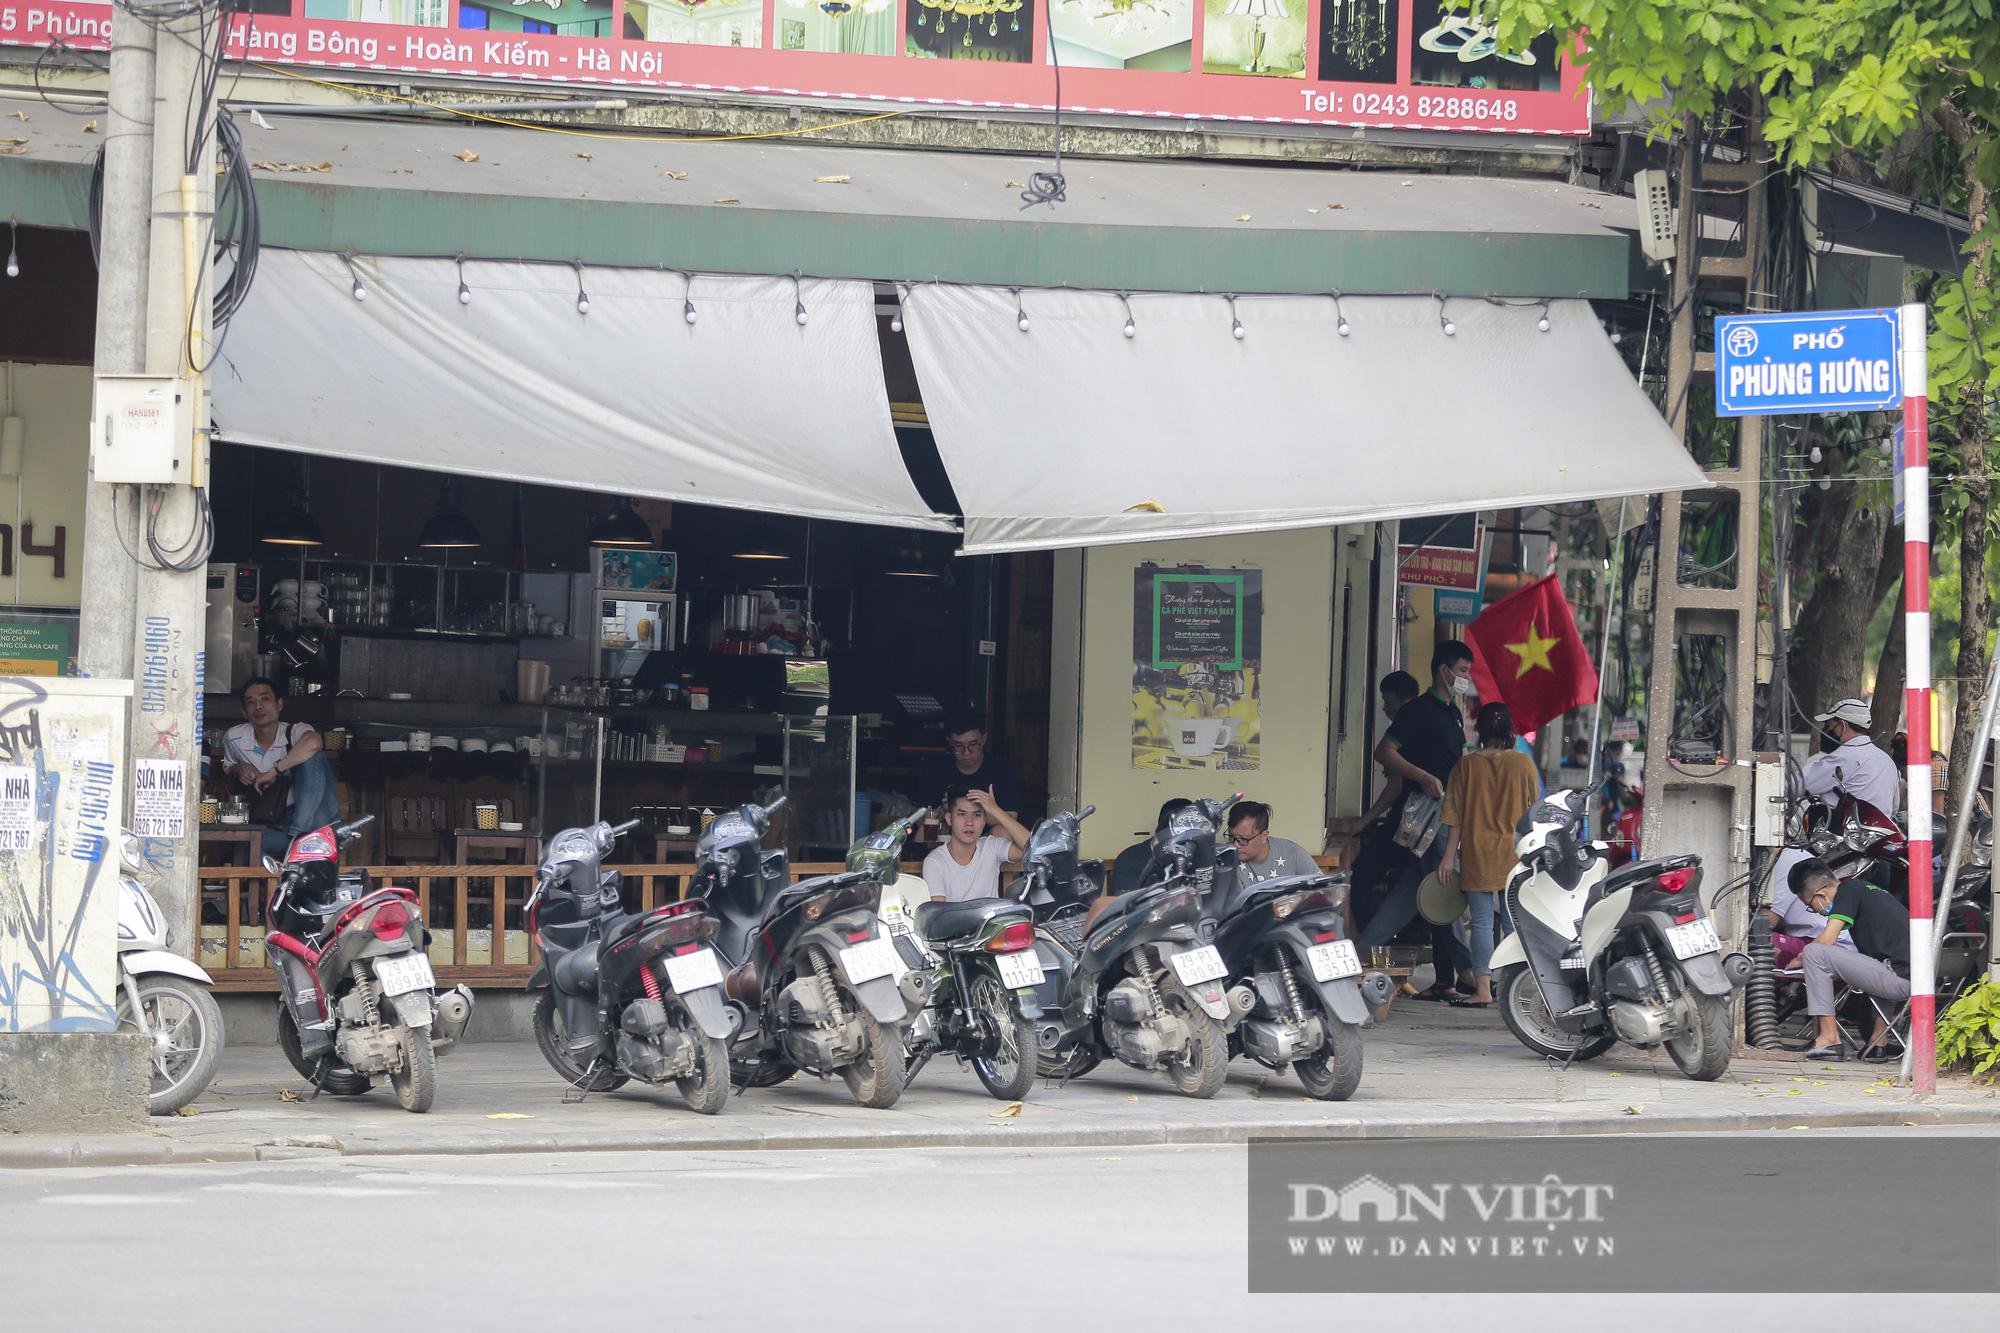 Hà Nội: Nhà hàng, quán cà phê, trà đá vỉa hè nơi chấp hành tốt, nơi vẫn ngang nhiên hoạt động  - Ảnh 2.